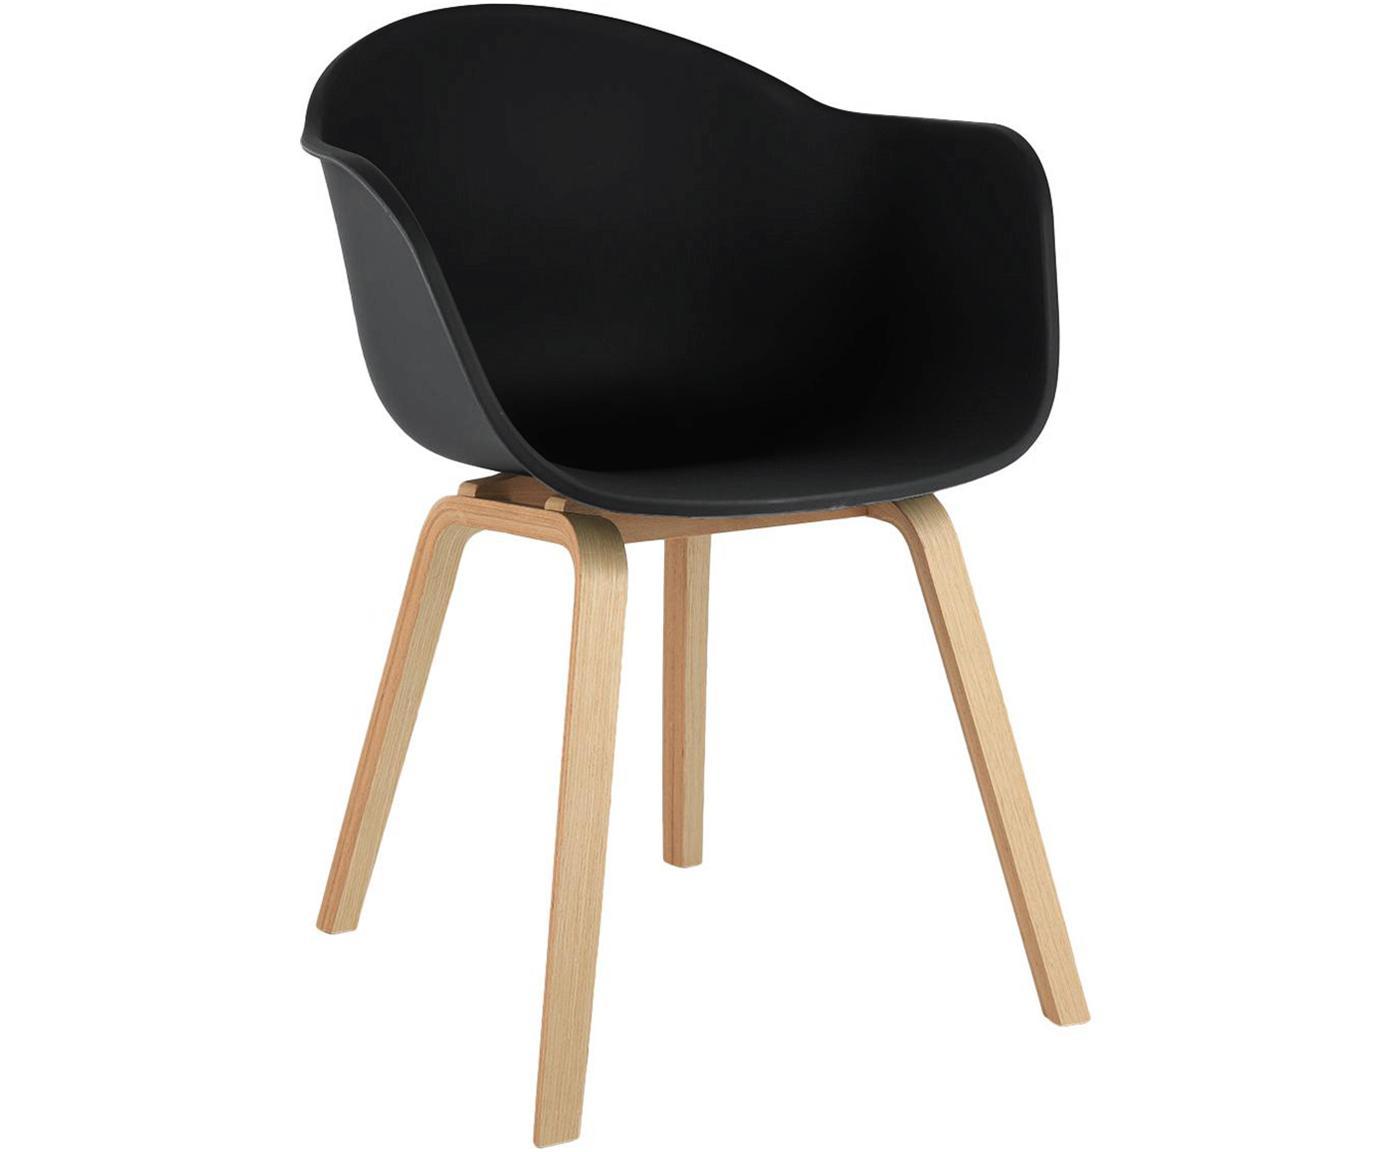 Sedia con braccioli e gambe in legno Claire, Seduta: materiale sintetico, Gambe: legno di faggio, Materiale sintetico nero, Larg. 54 x Prof. 60 cm